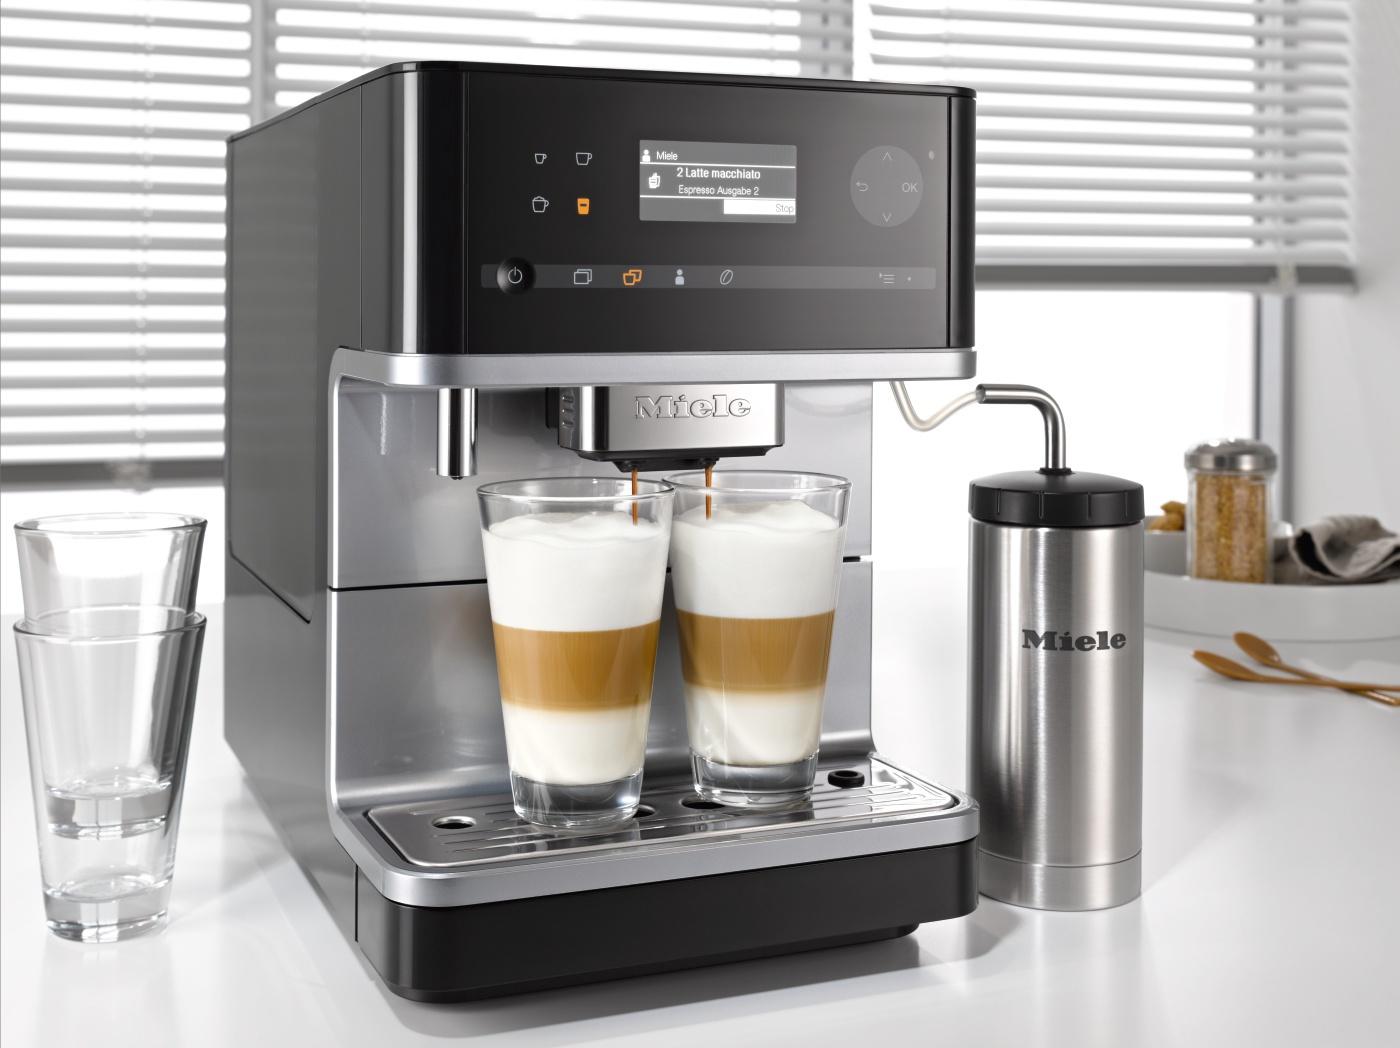 kaffeevollautomaten von kaffeemaschine bis kapsel und padmaschine. Black Bedroom Furniture Sets. Home Design Ideas